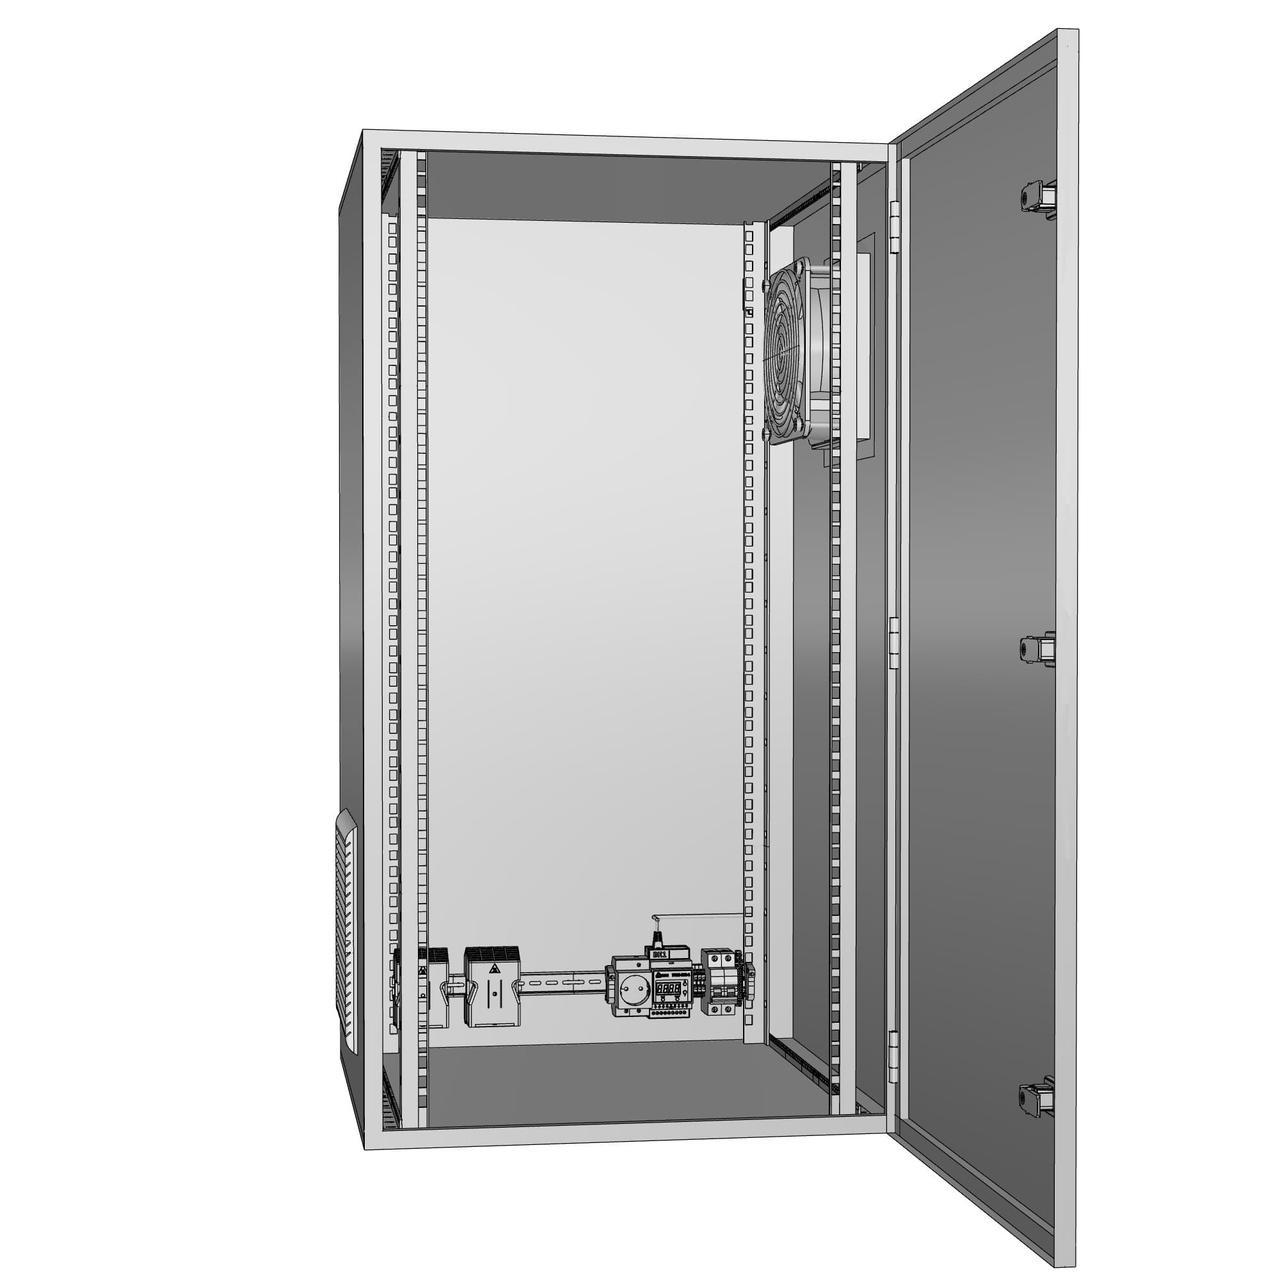 Шкаф климатический утеплённый с вентиляцией ЩКу- В- 03 - 600×400×200 (В×Ш×Г) IP65